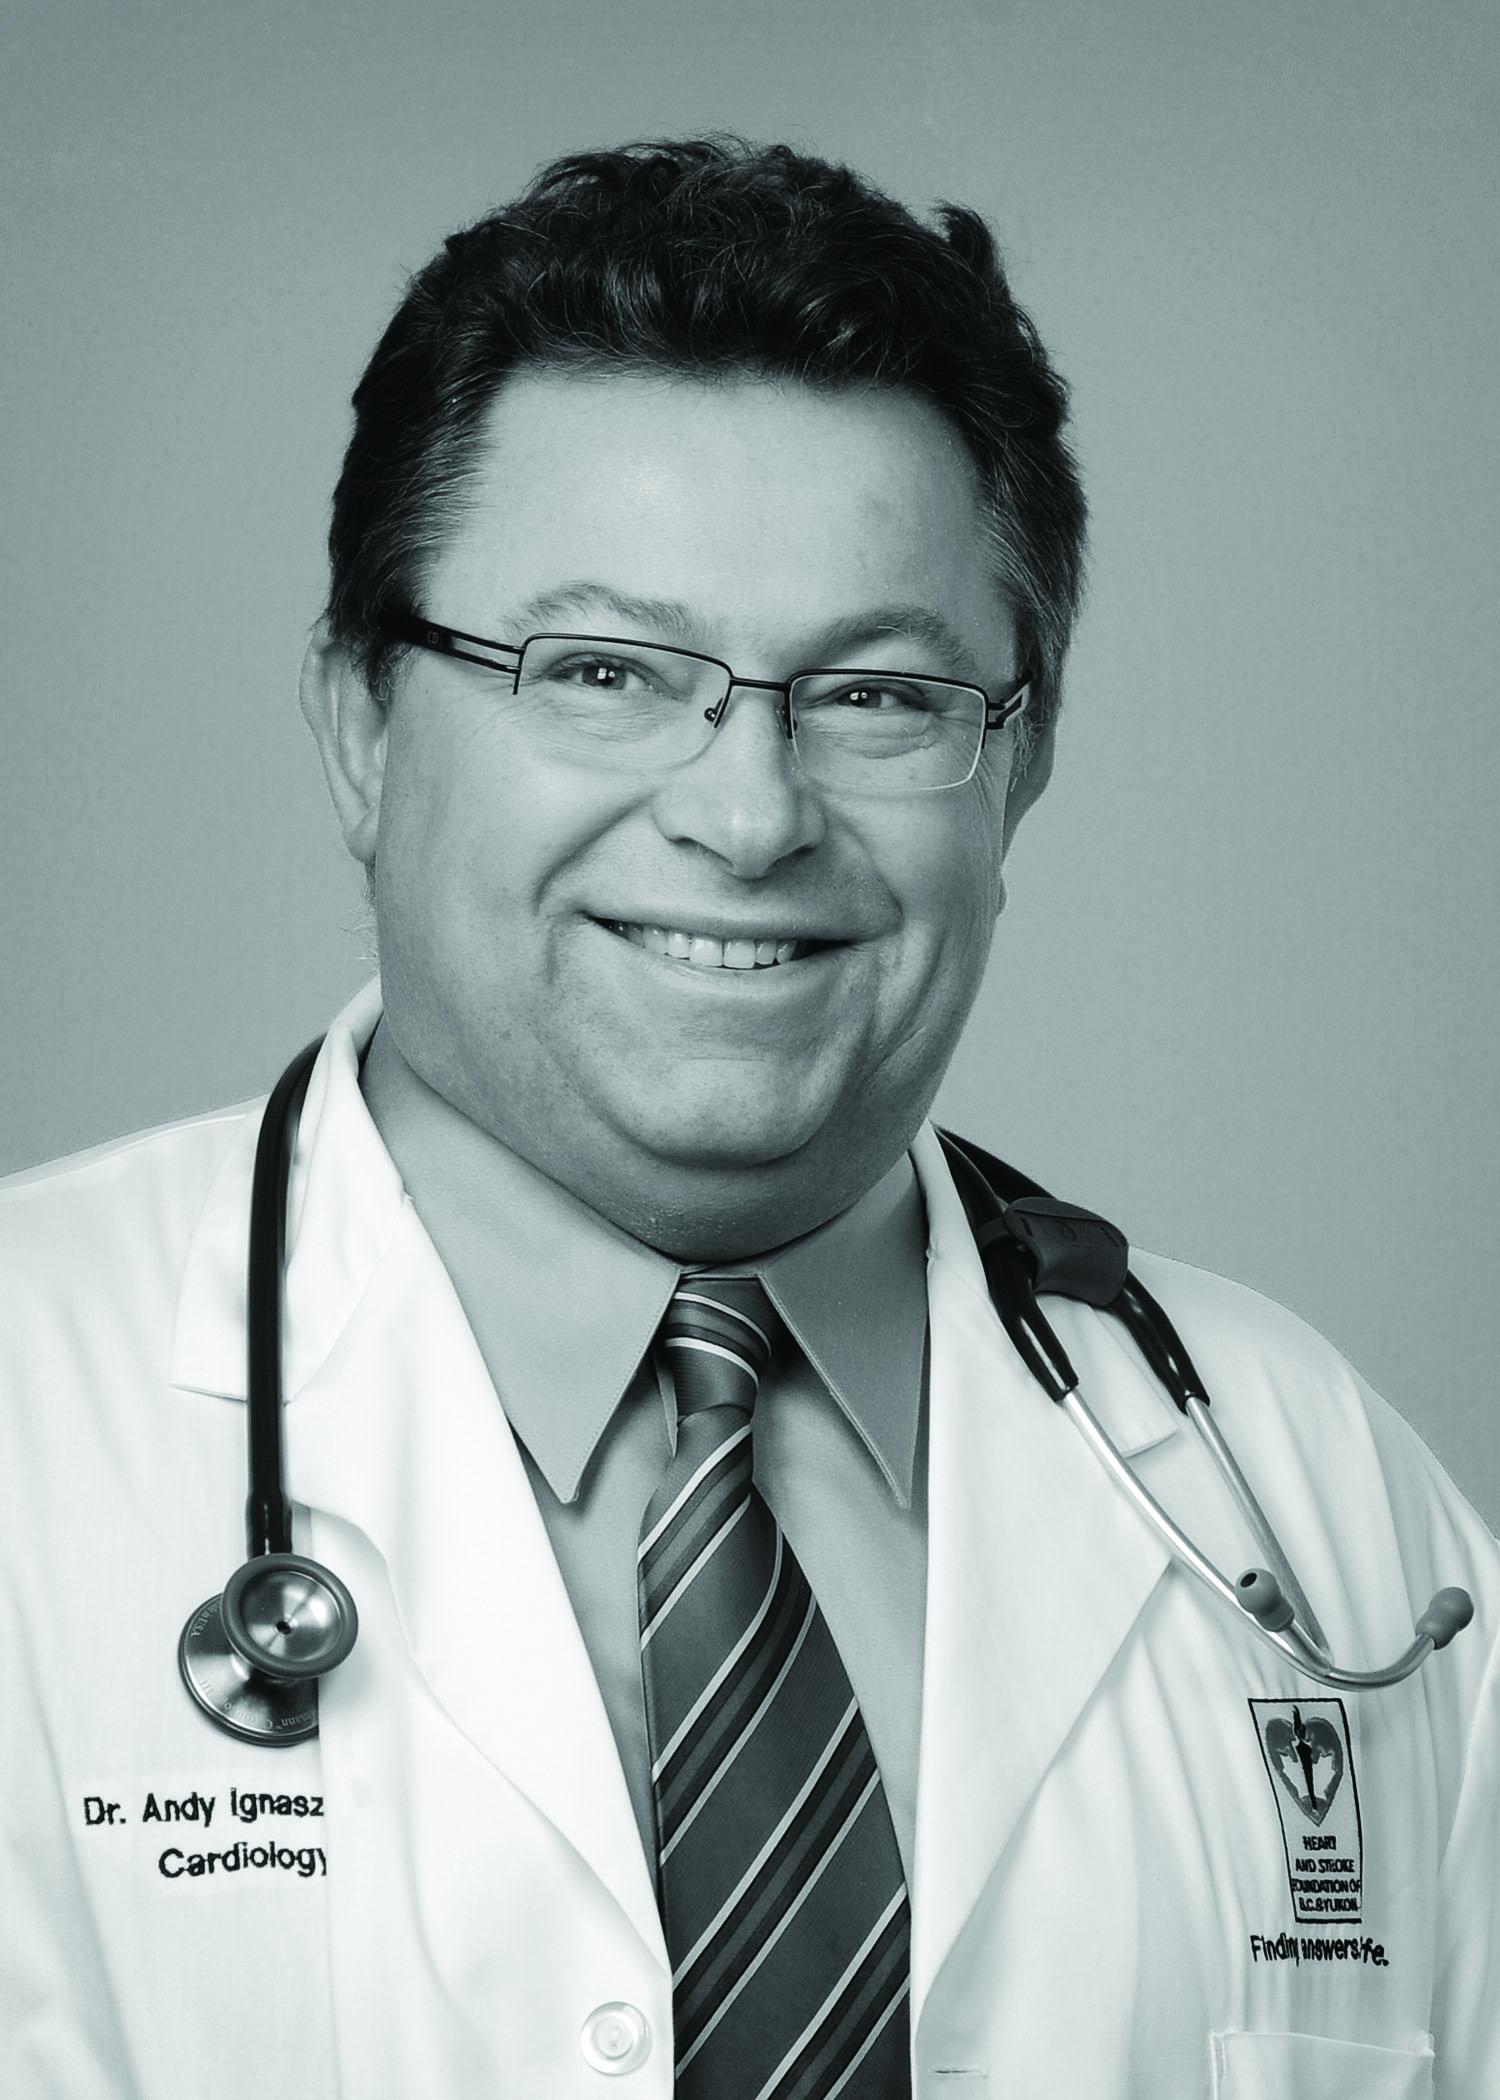 Dr. Andy Ignaszewski